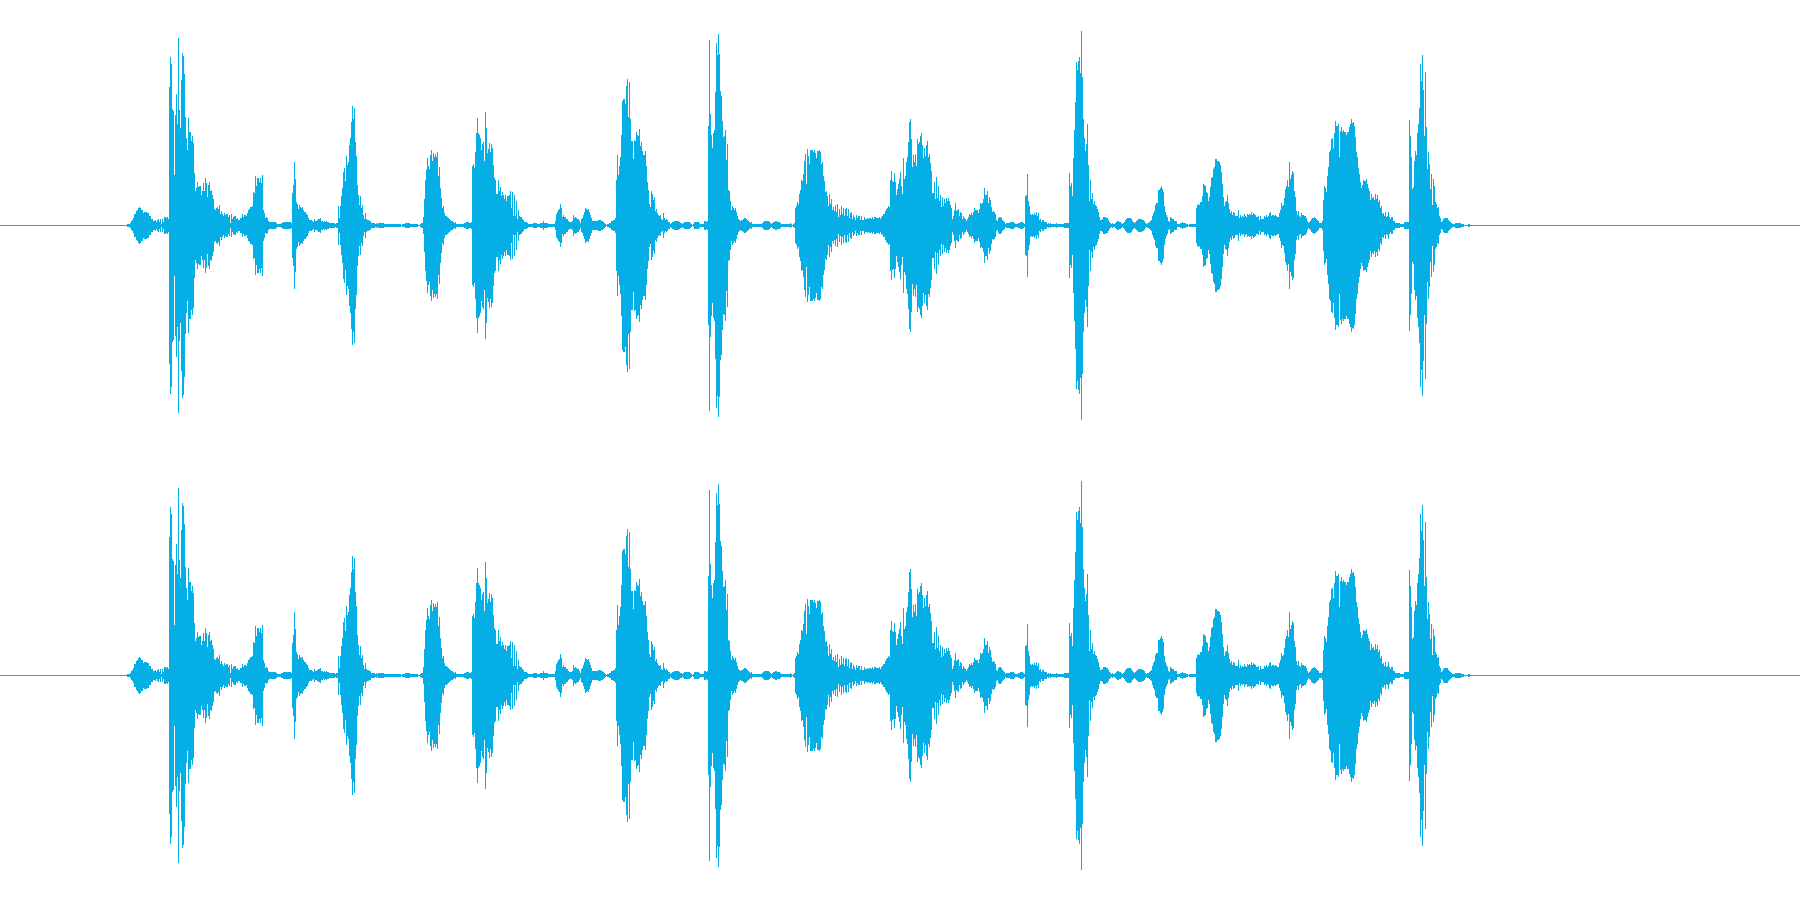 ブンツカダットドンドンガットの再生済みの波形